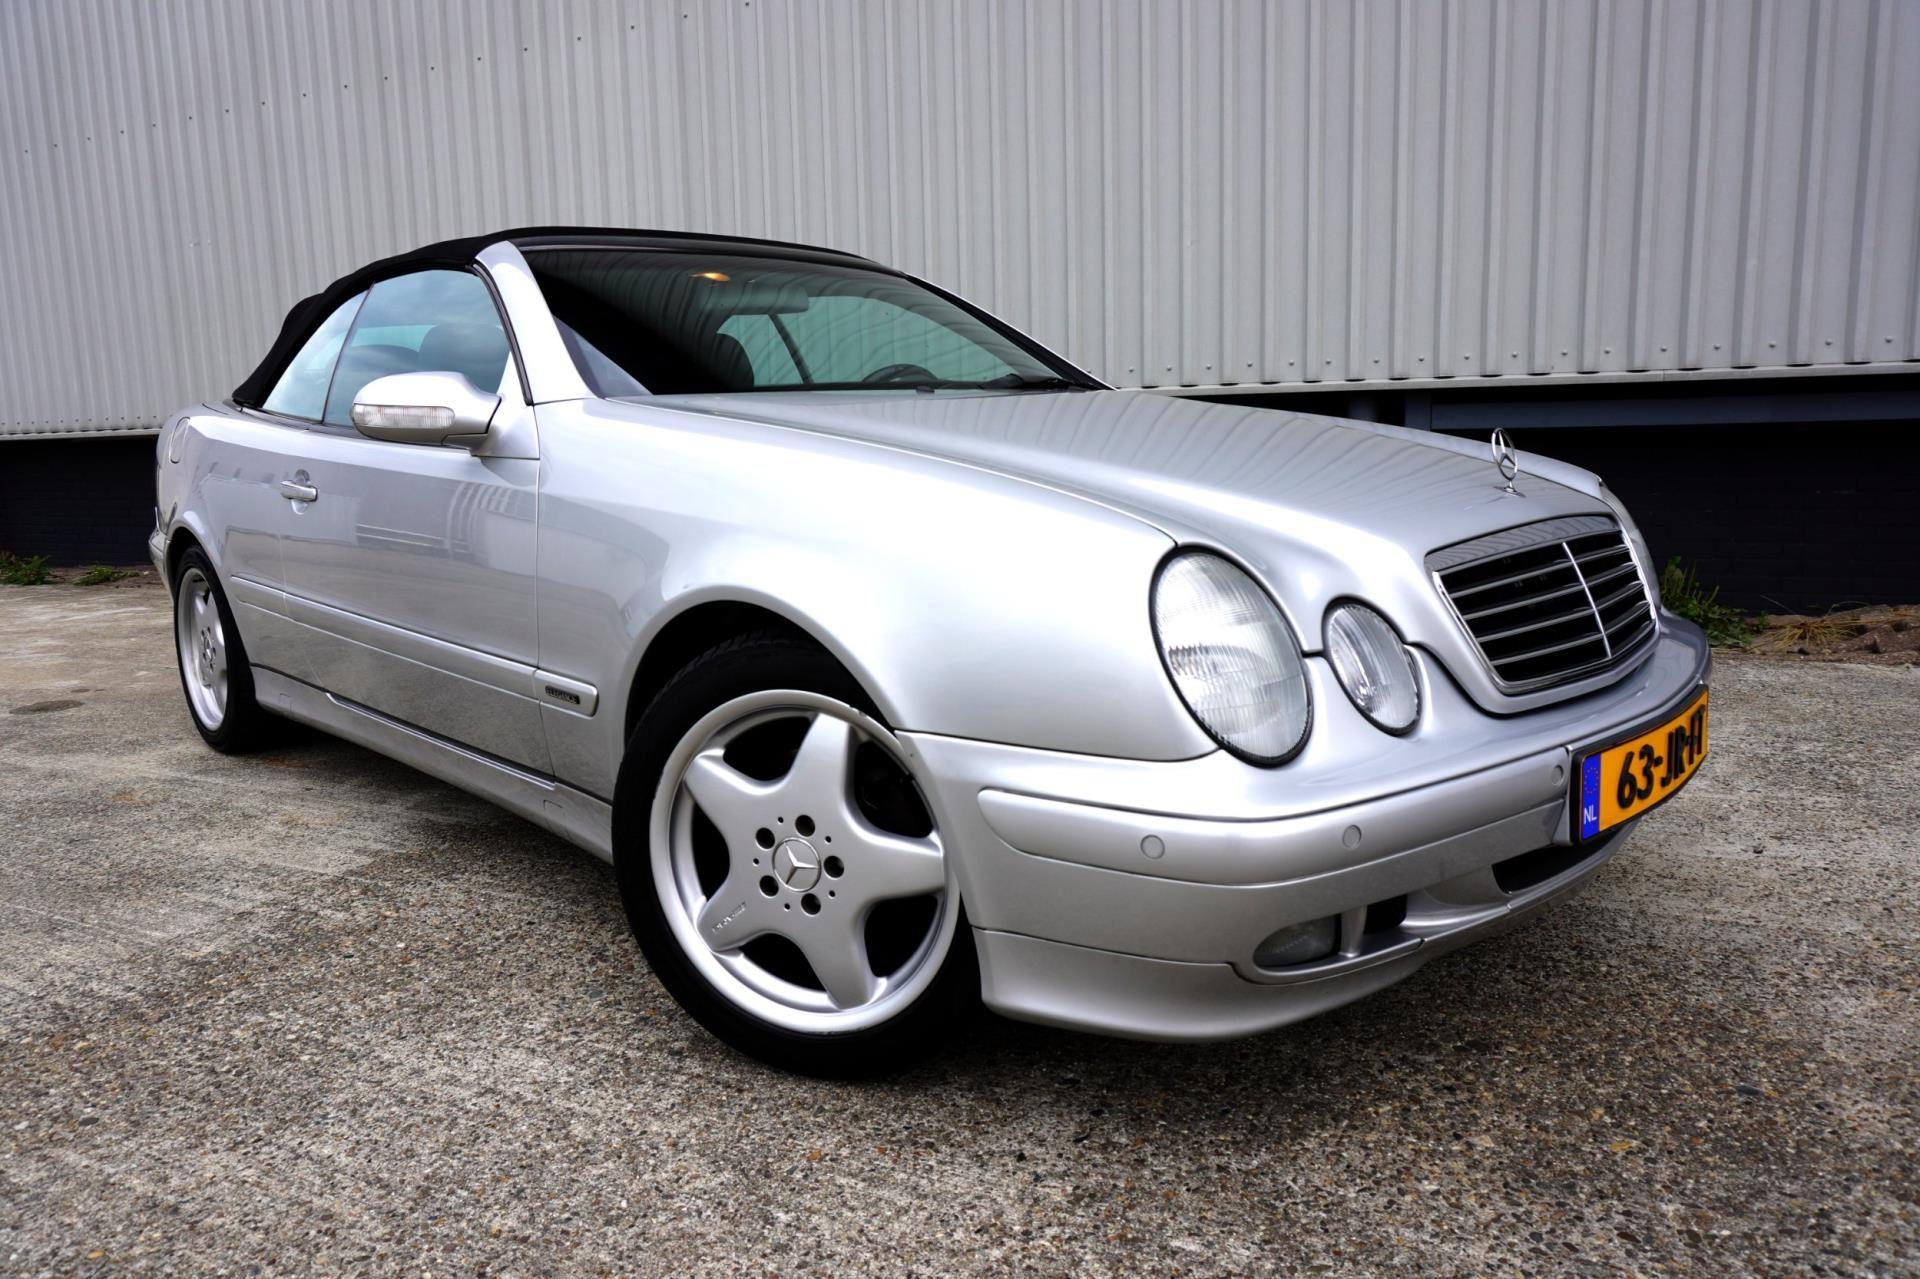 Mercedes-Benz CLK-klasse Cabrio occasion - Proautoverkoop